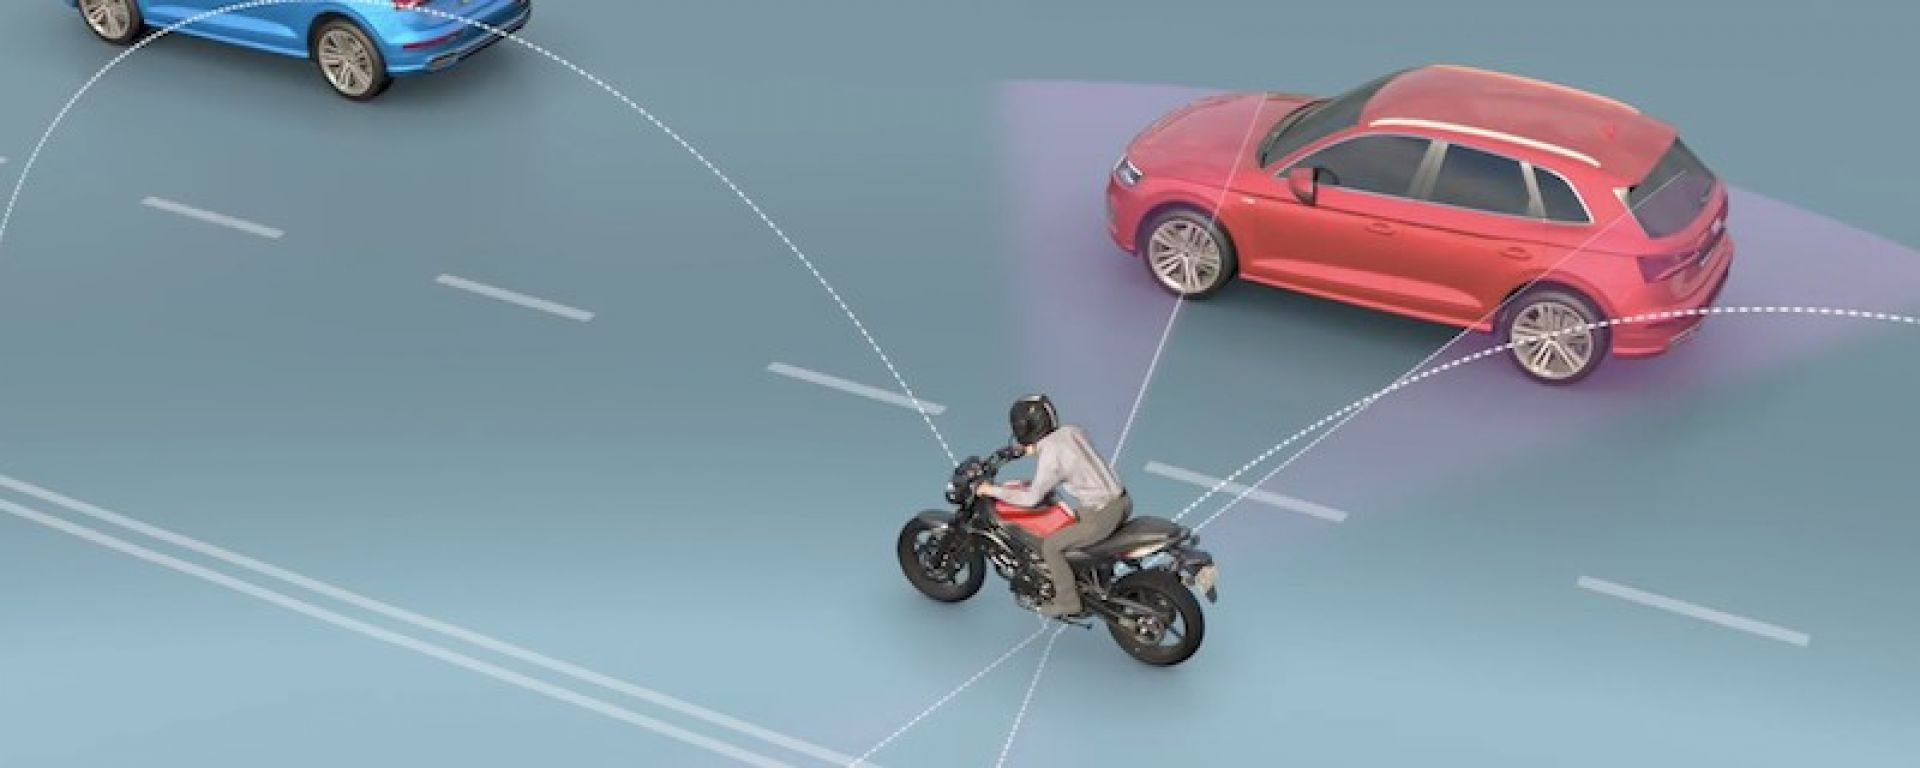 Ride Vision: camere a 360° per avvisarci dei pericoli